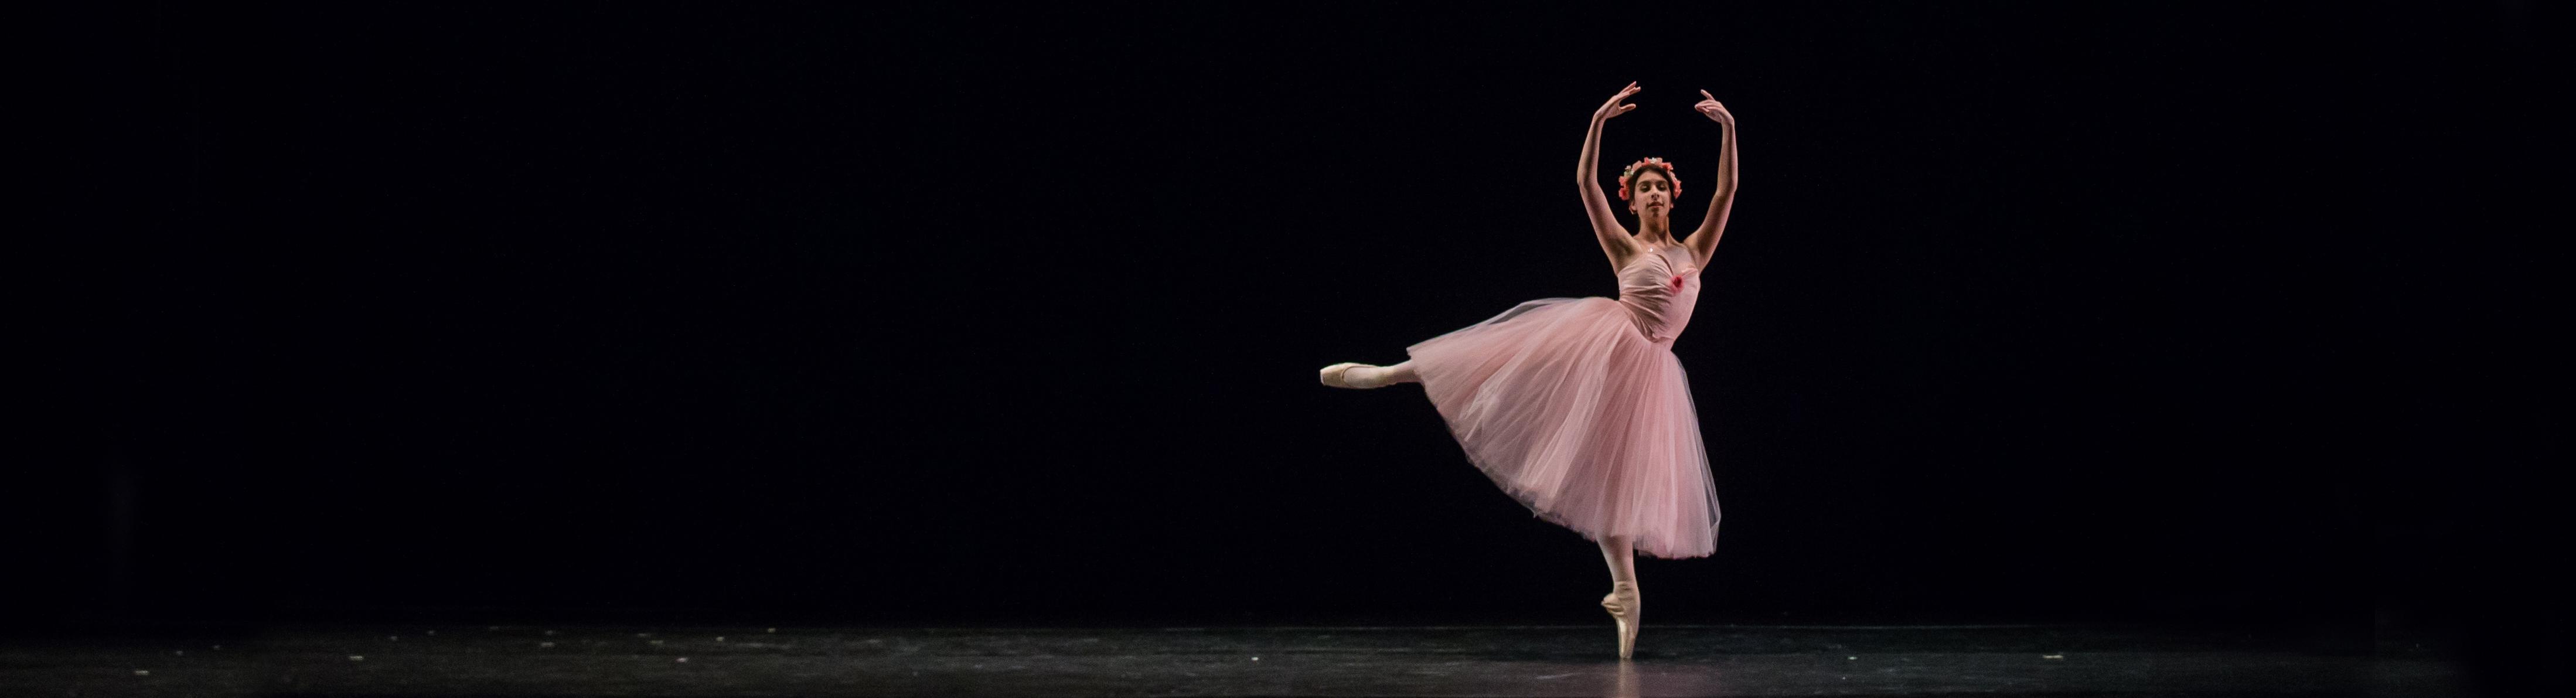 Dancer performing